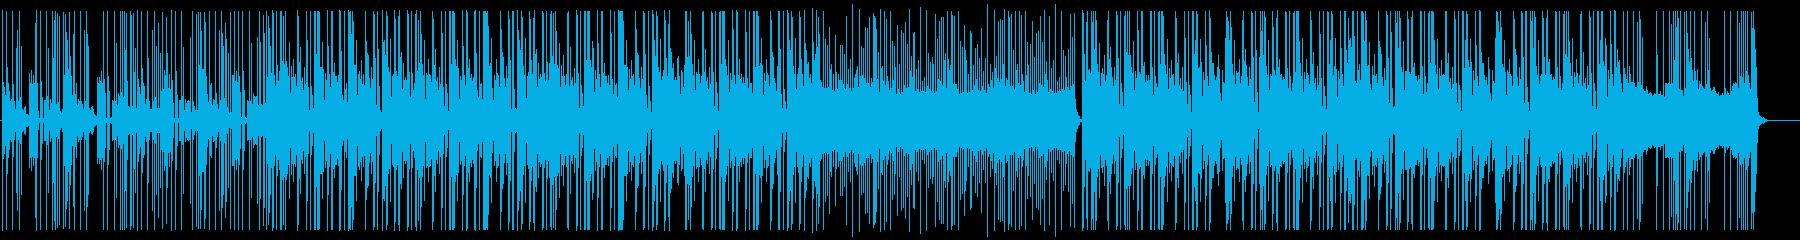 緊迫、バイオレンス、ヒップホップ②の再生済みの波形